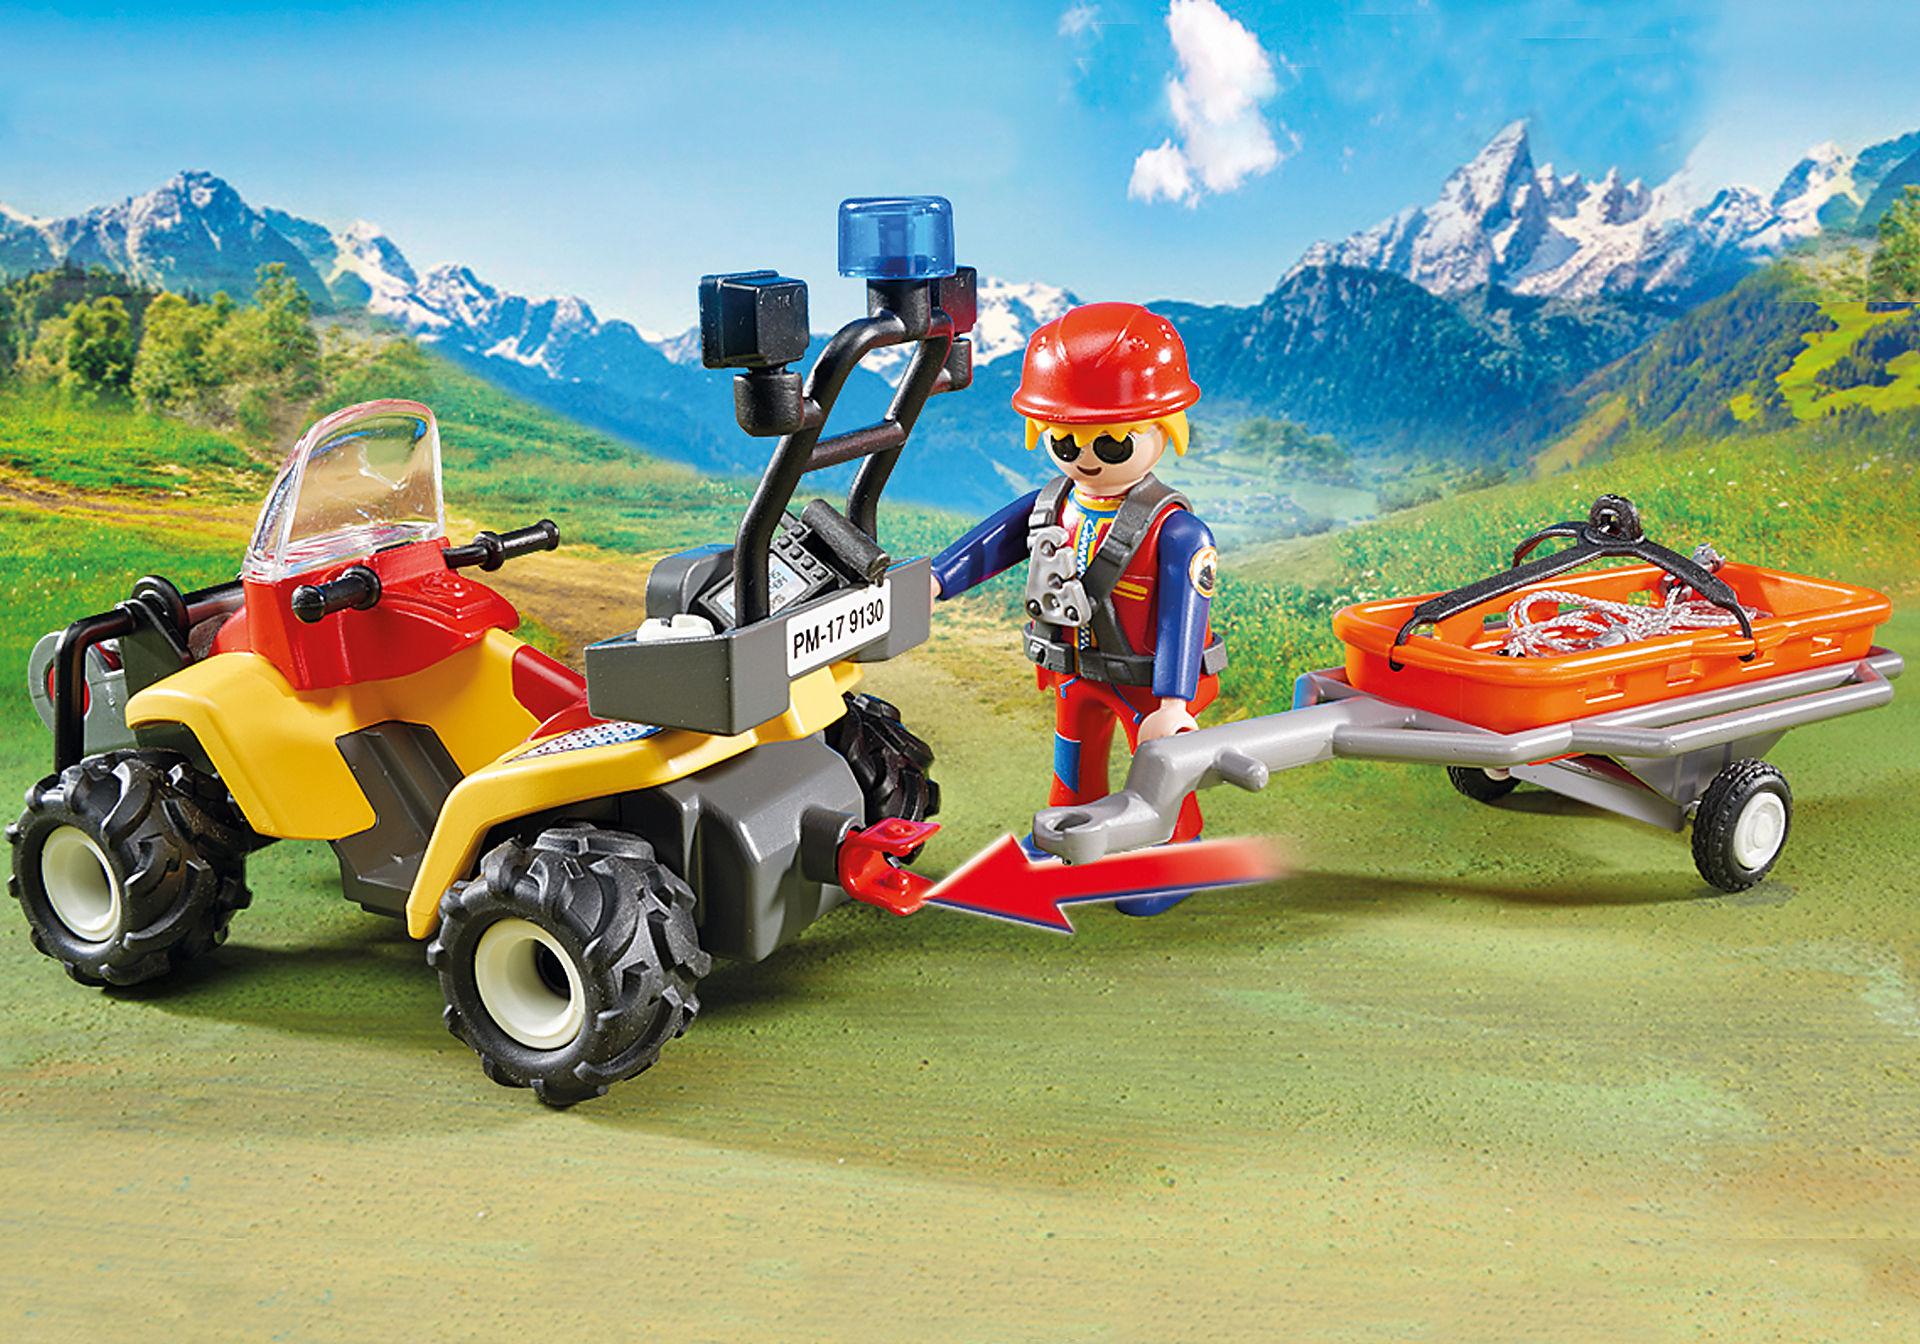 http://media.playmobil.com/i/playmobil/9130_product_extra2/Mountain Rescue Quad